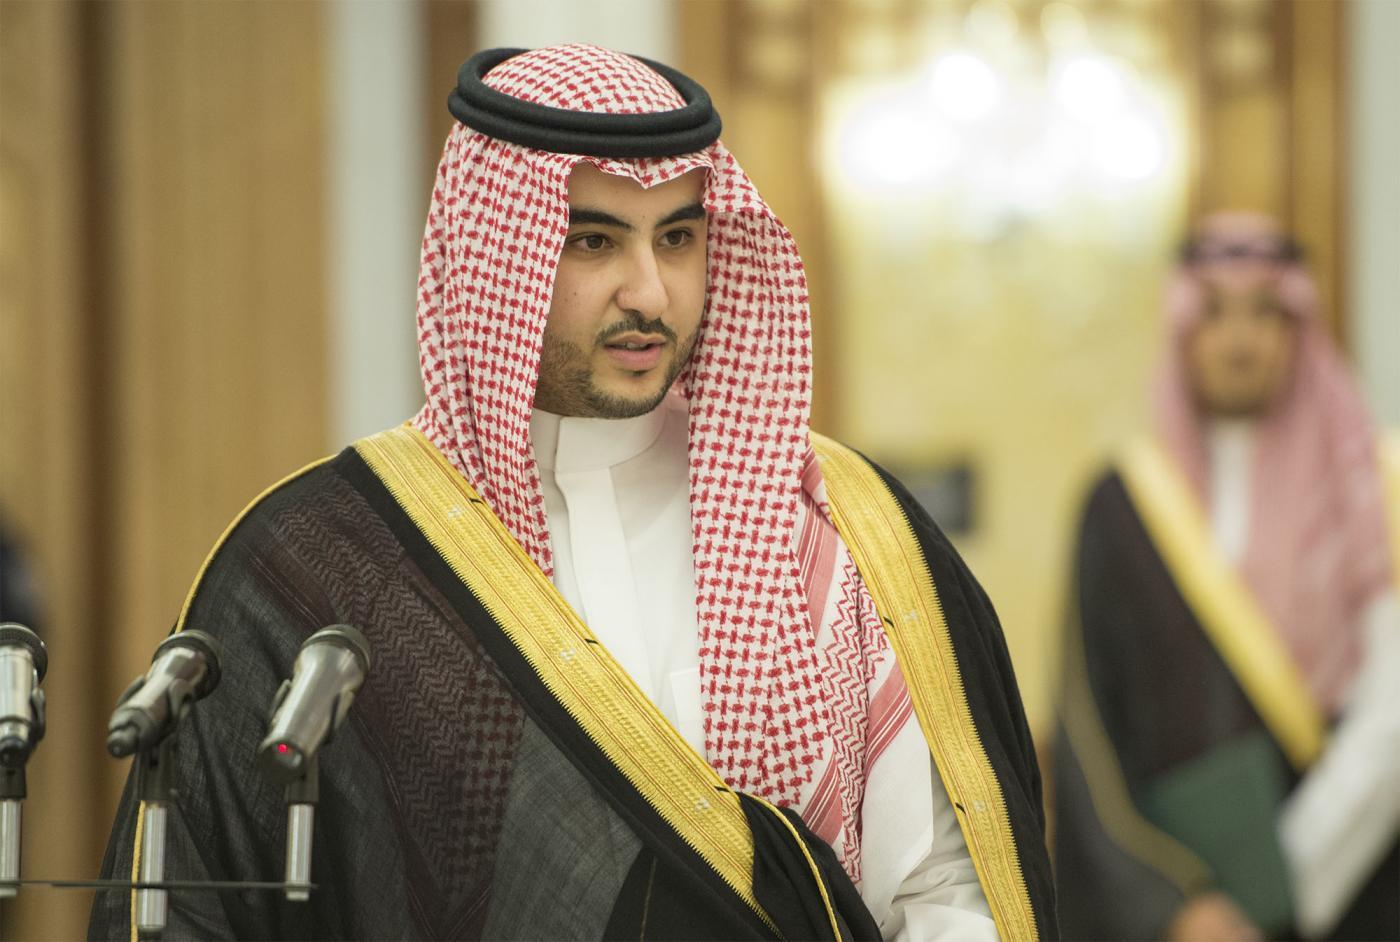 نائب وزير الدفاع السعودي خالد بن سلمان يلتقي مع كبار مسؤولي إدارة بايدن في الولايات المتحدة